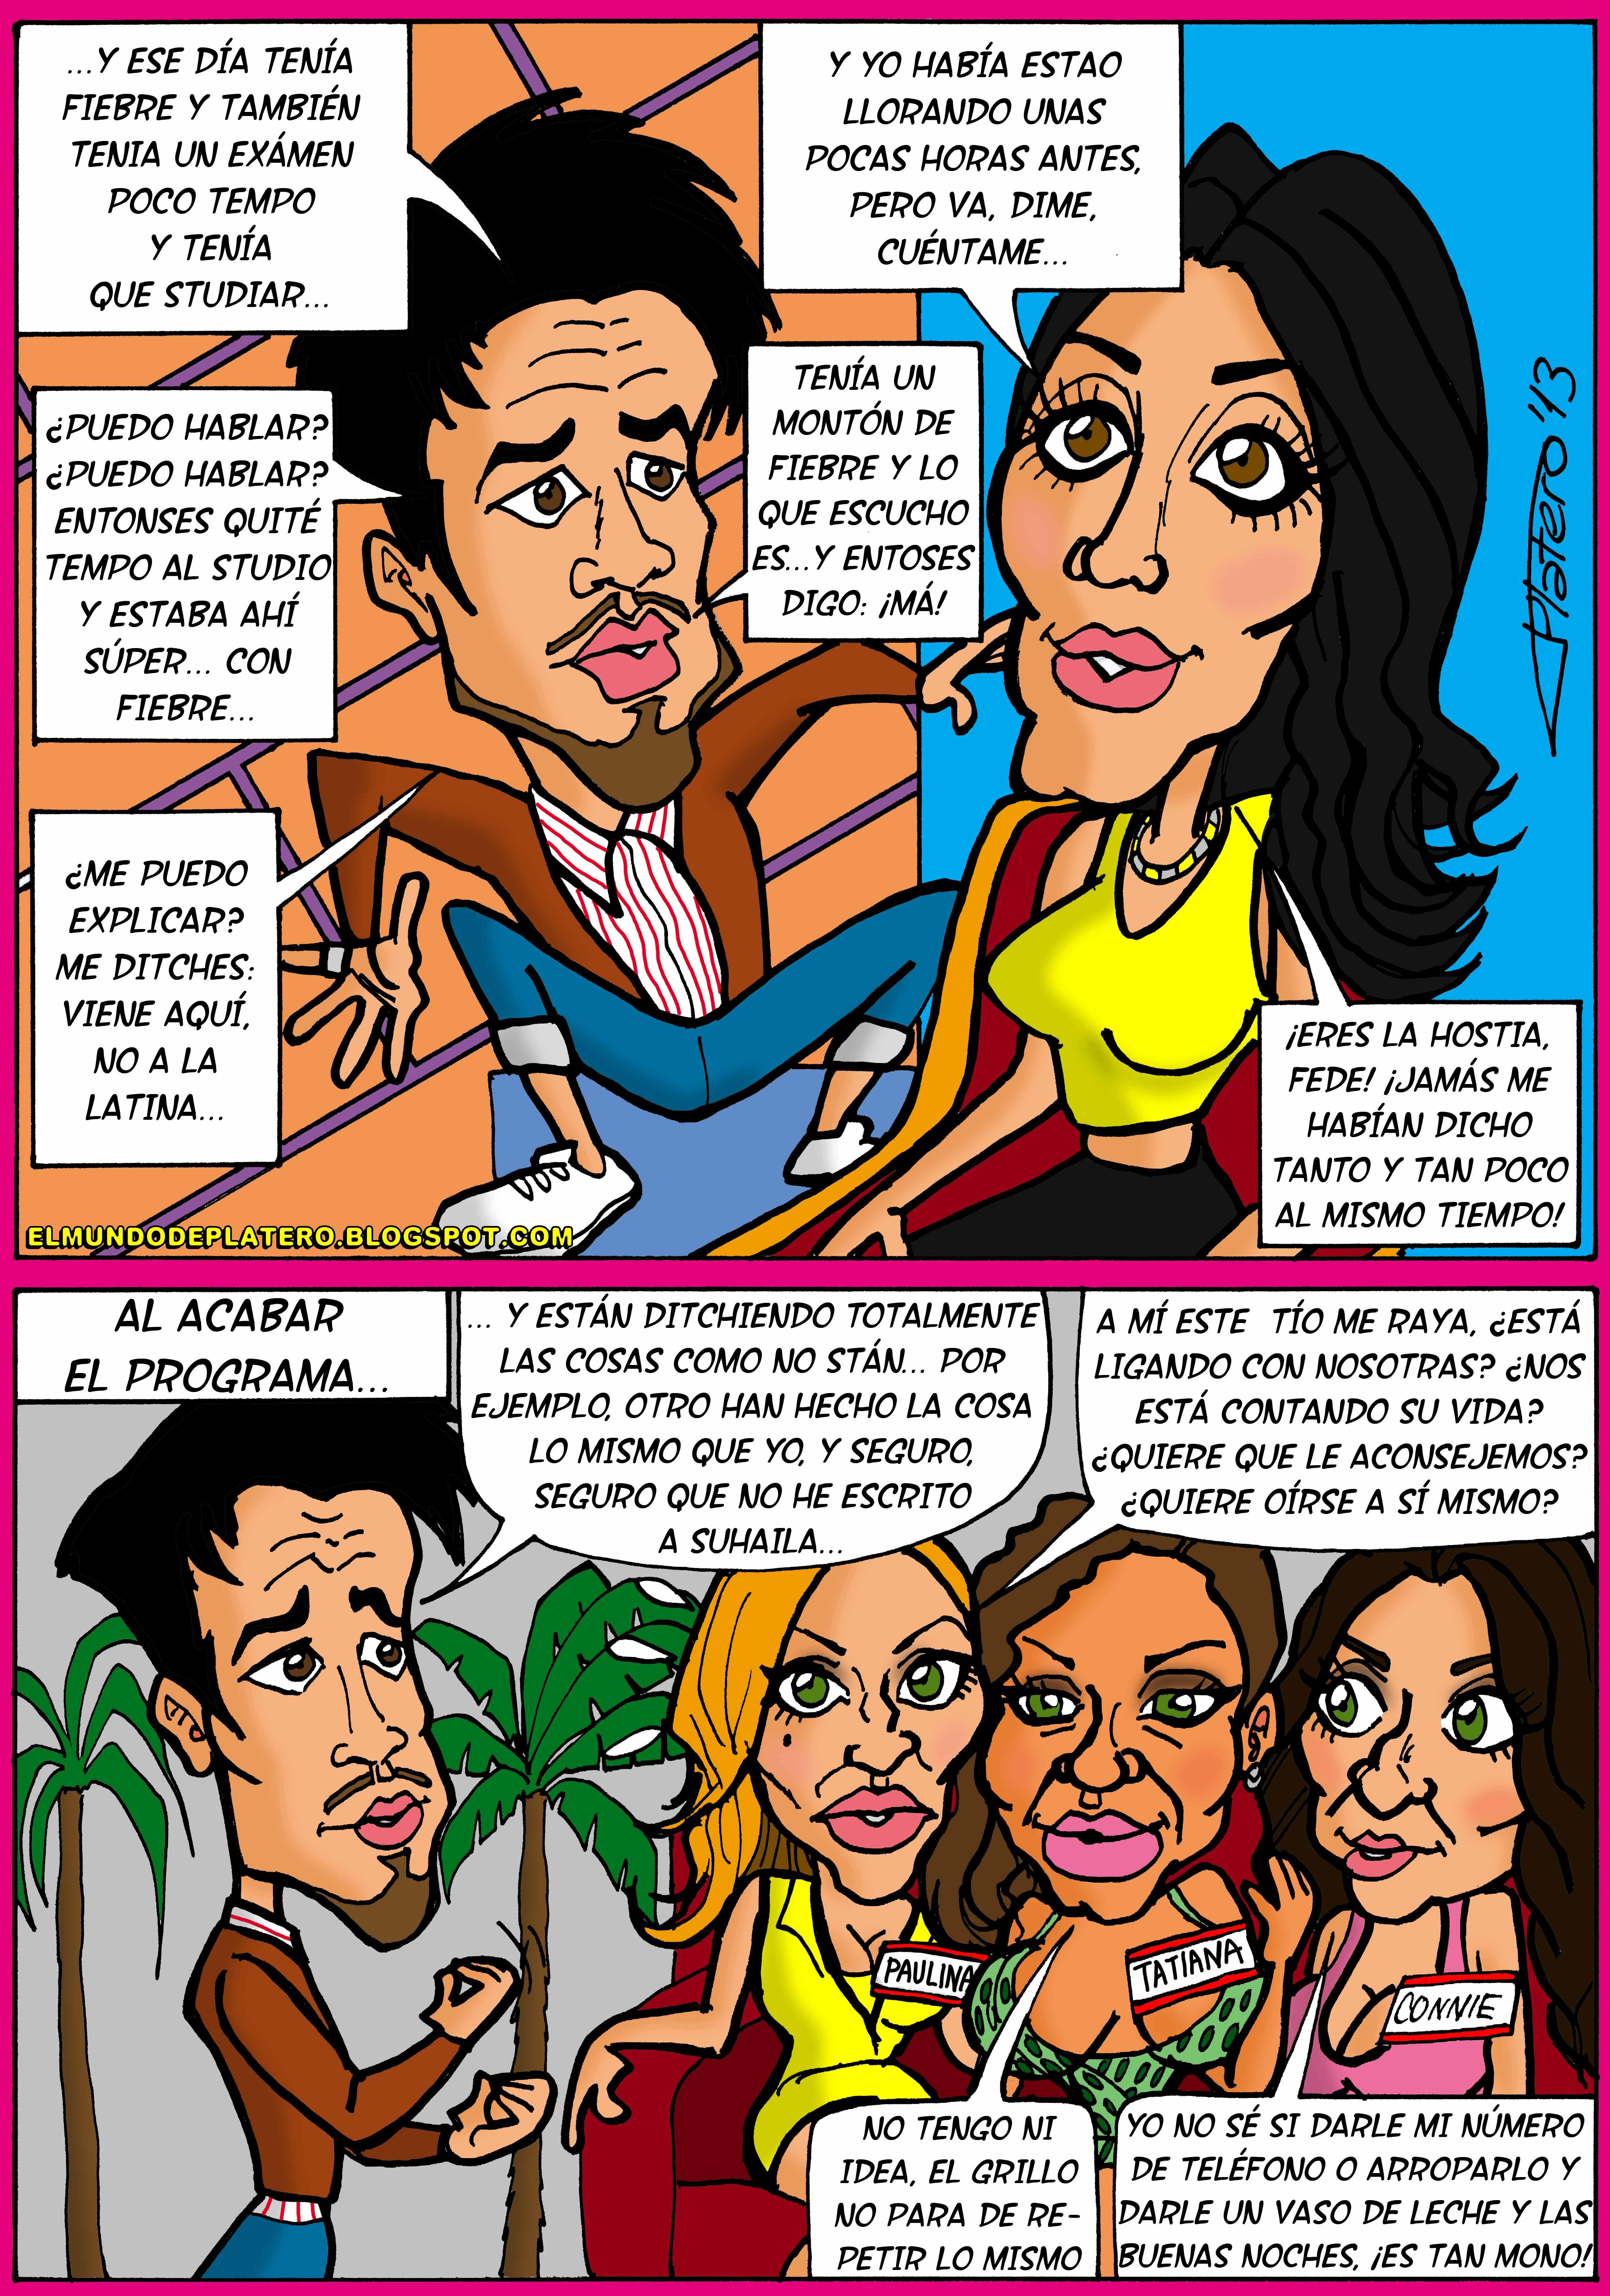 12_cómic fede_yasmina_mujeres y hombres y viceversa_elmundodeplatero_josé luis platero